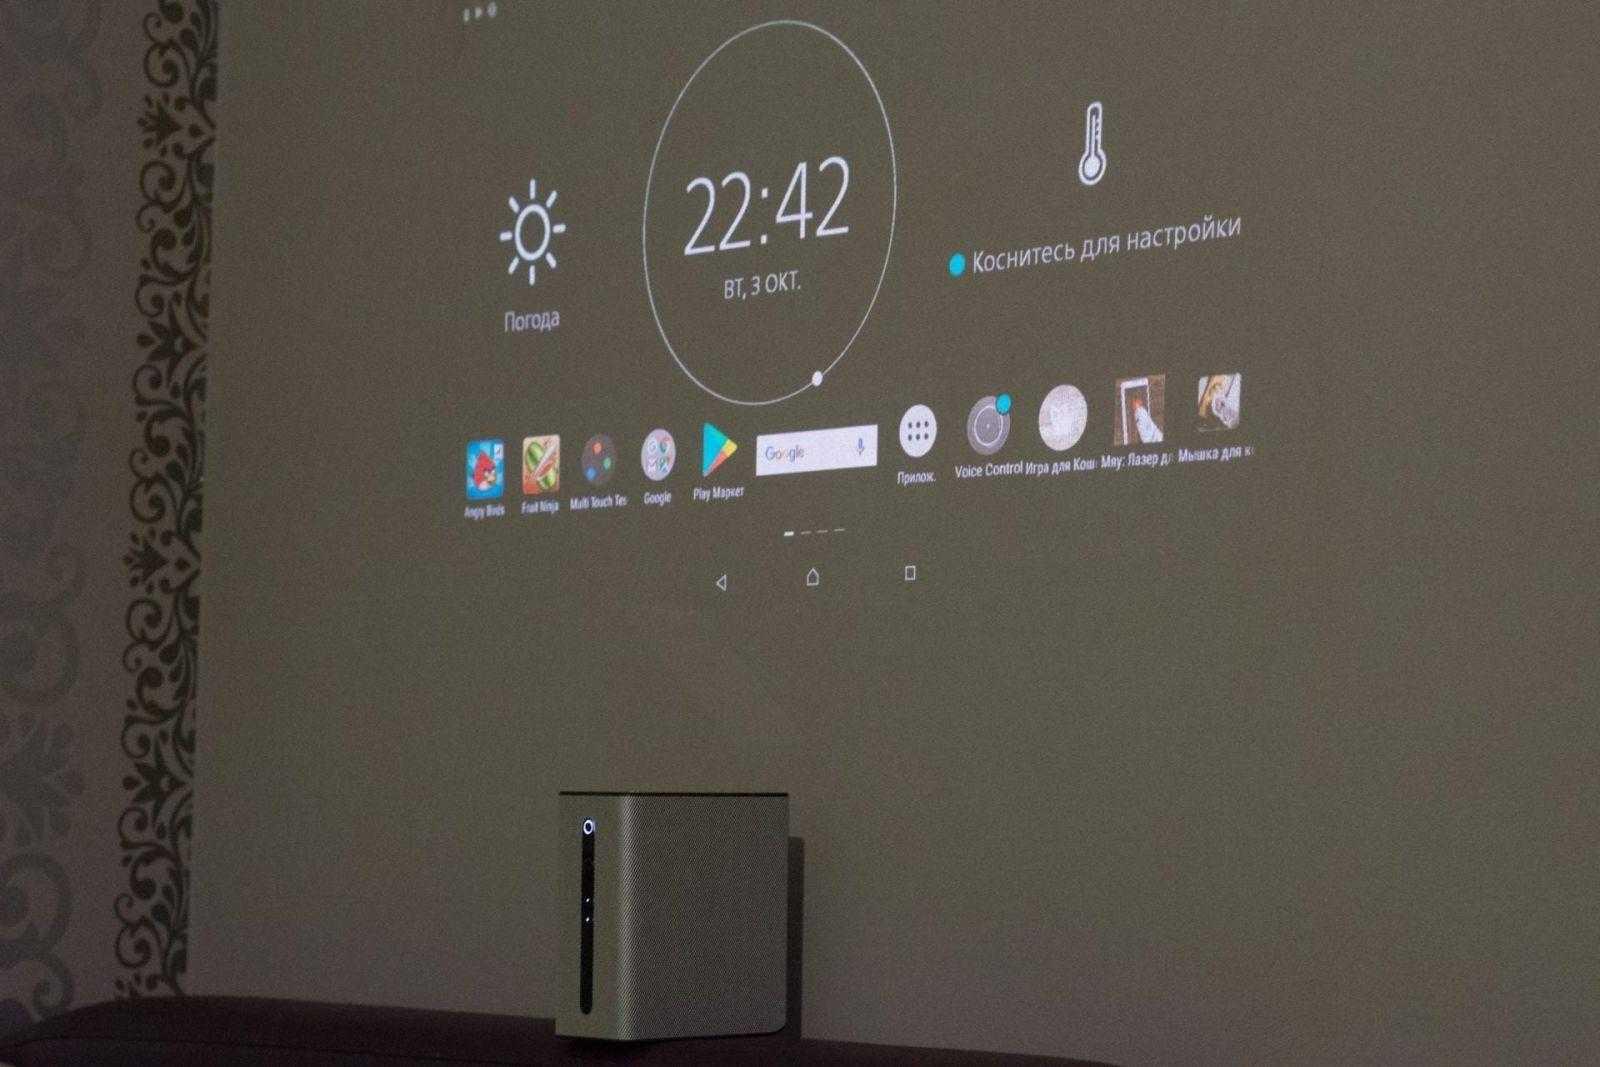 Обзор проектора Sony Xperia Touch. Потрогай виртуальность (DSC 5983)